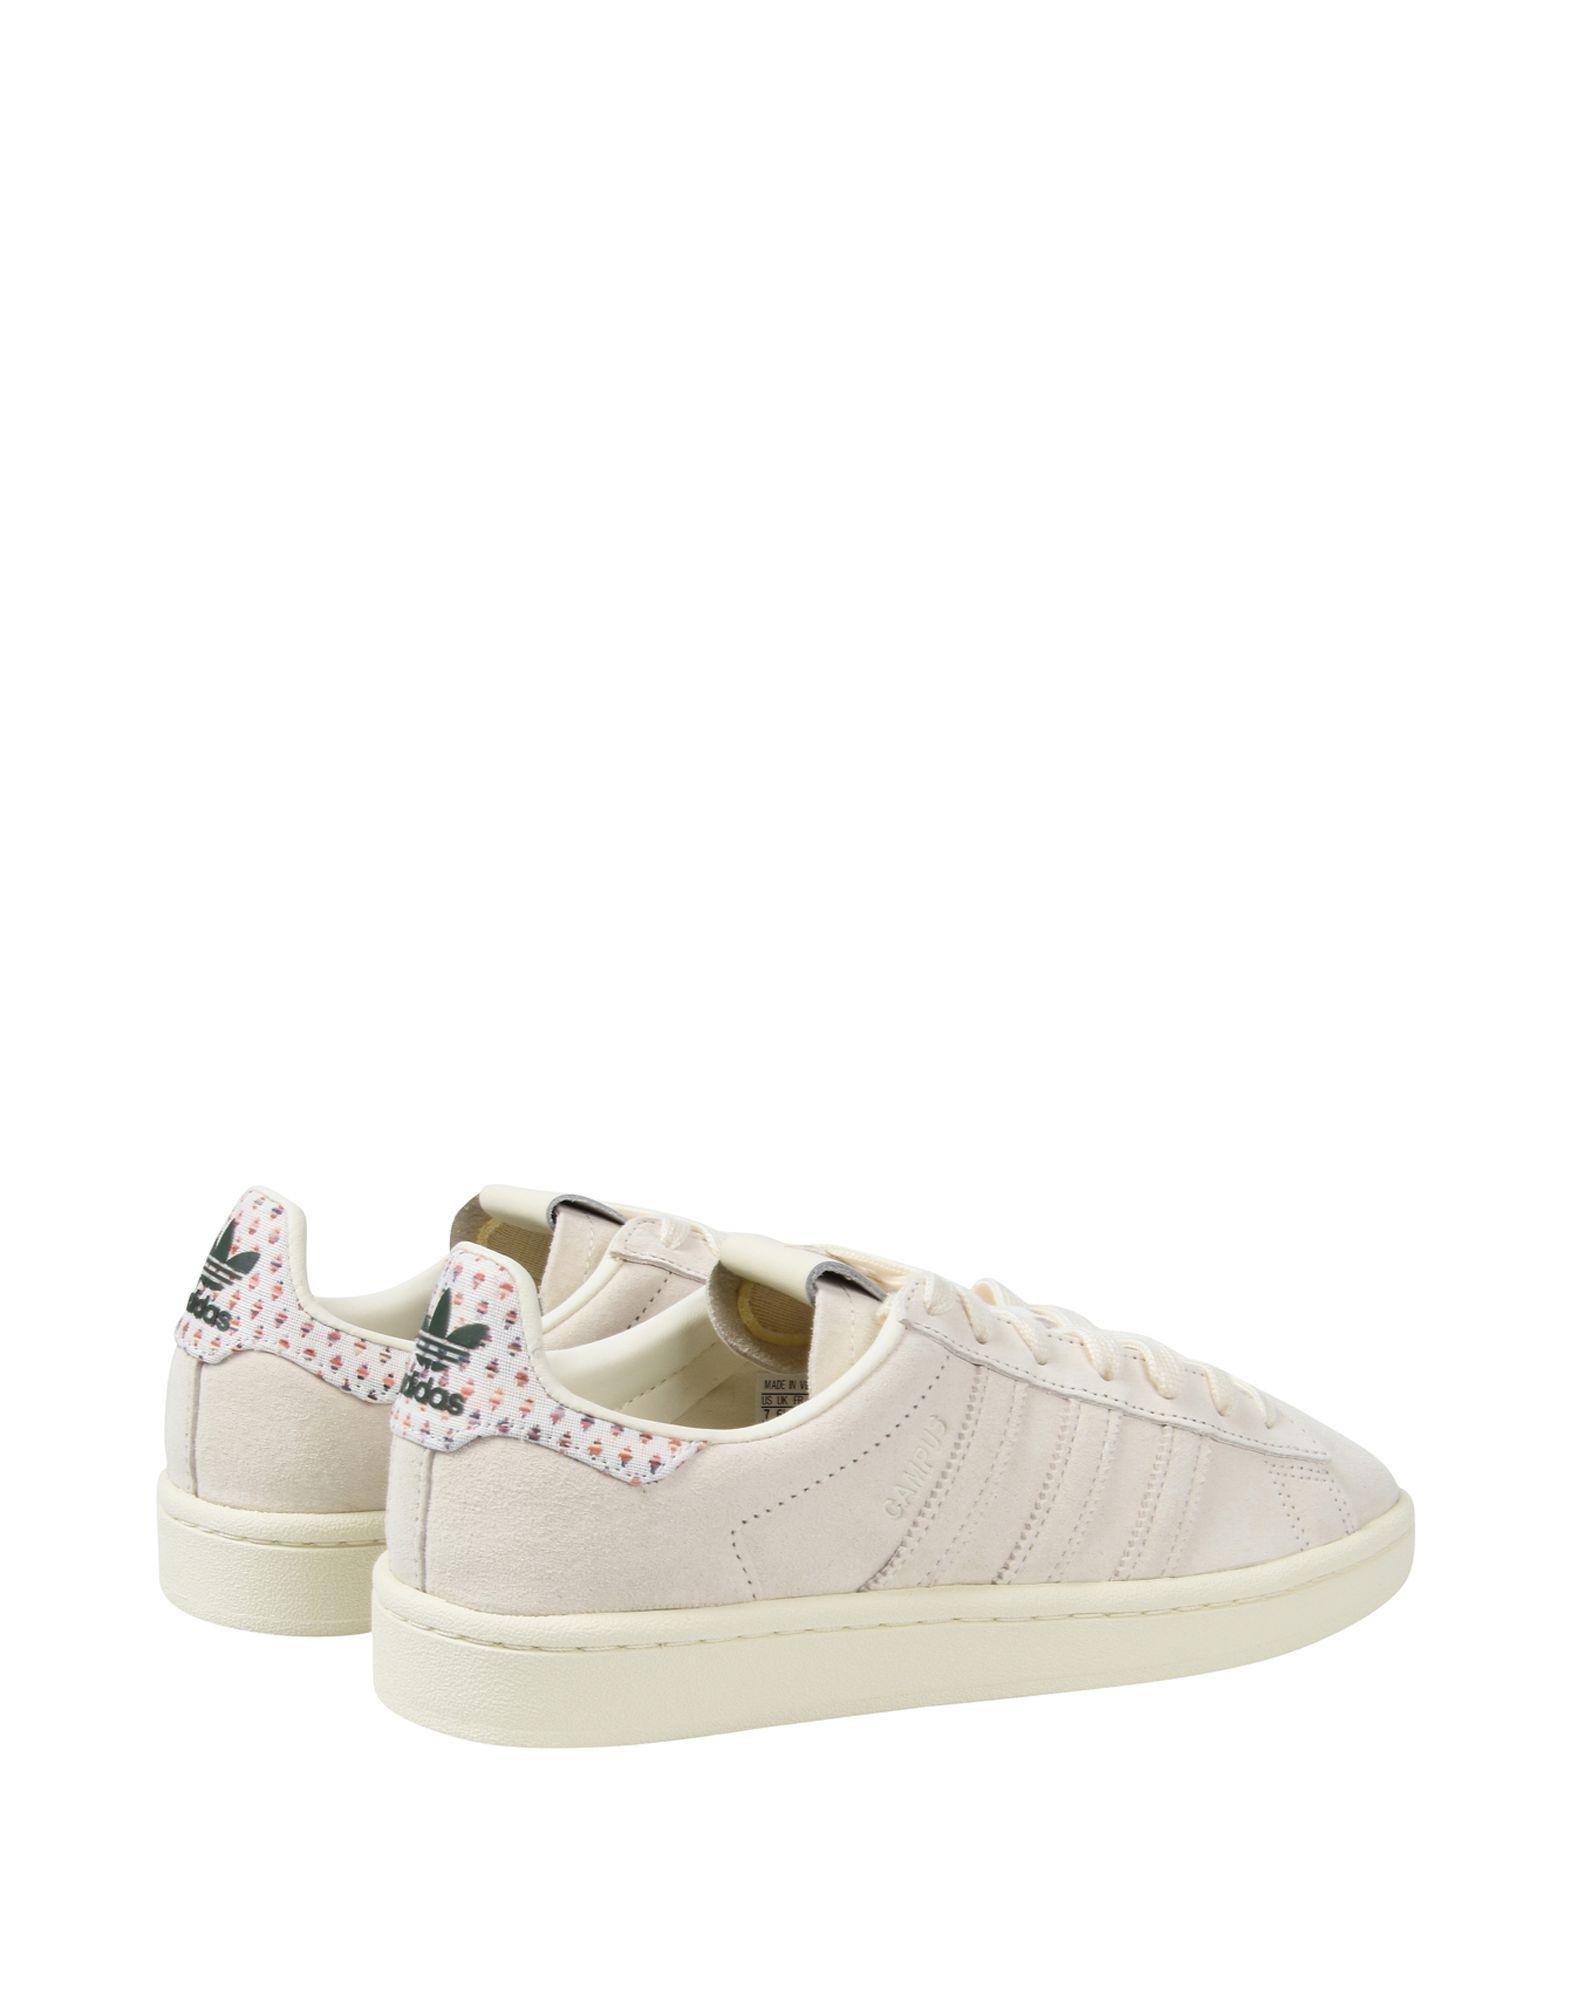 Adidas Originals Campus Pride  Schuhe 11534674UI Gute Qualität beliebte Schuhe  83c3db